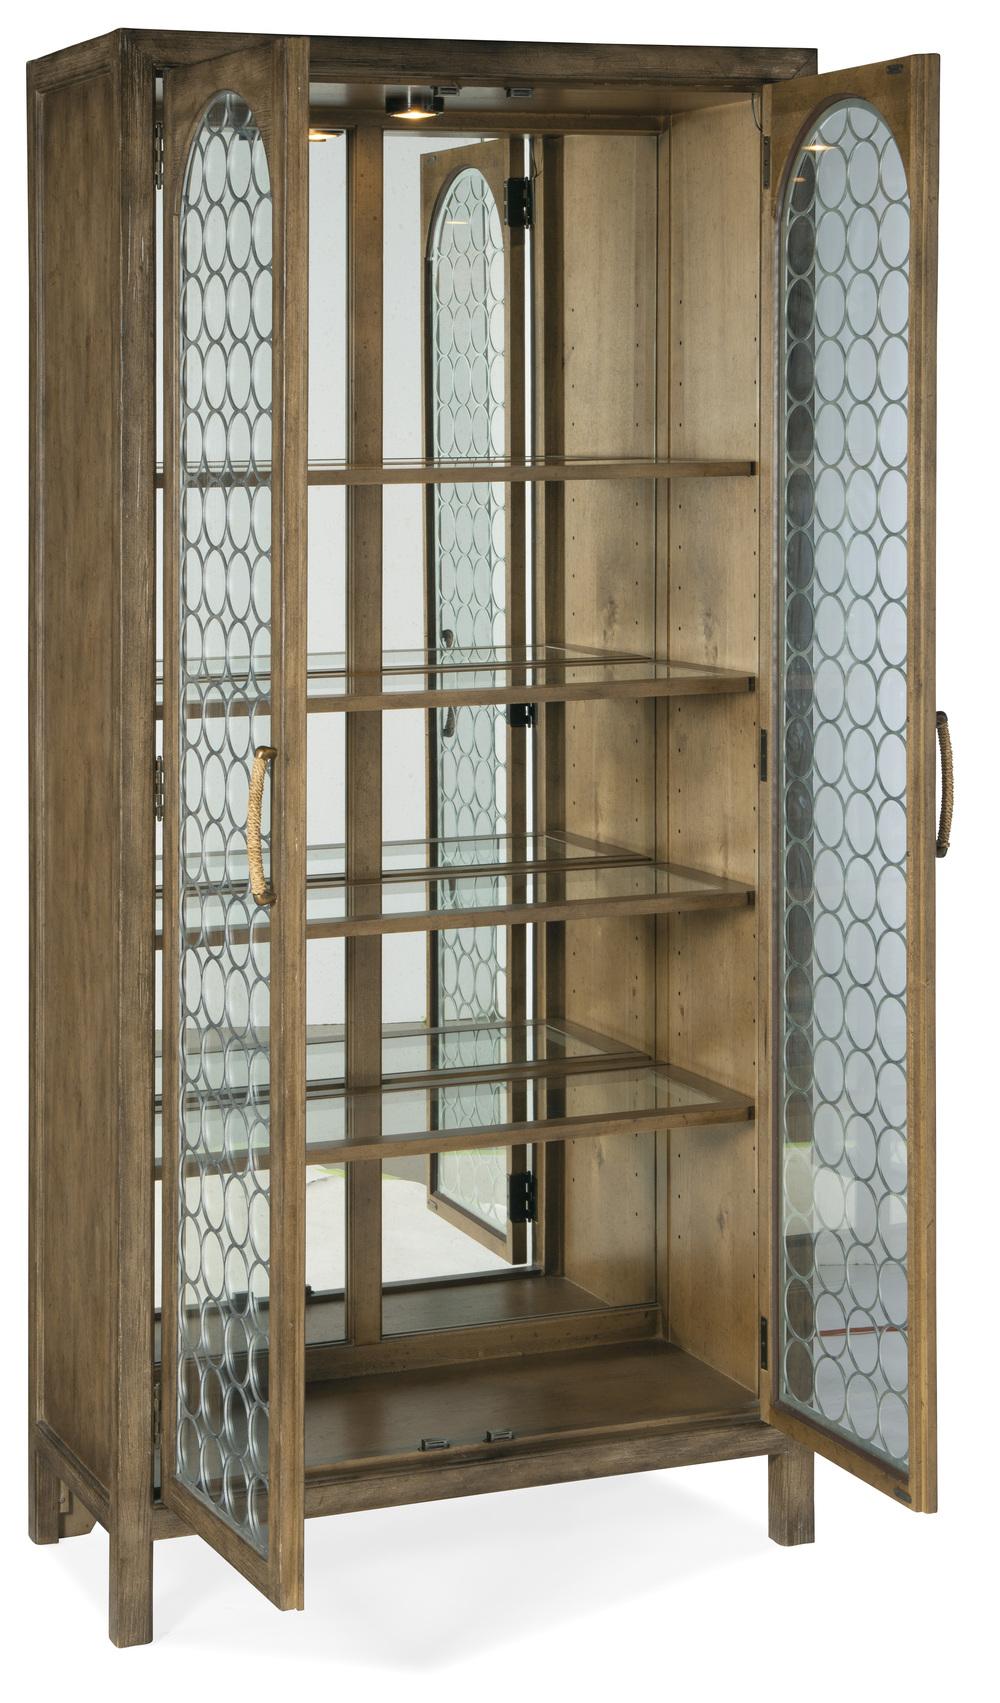 Hooker Furniture - Display Cabinet